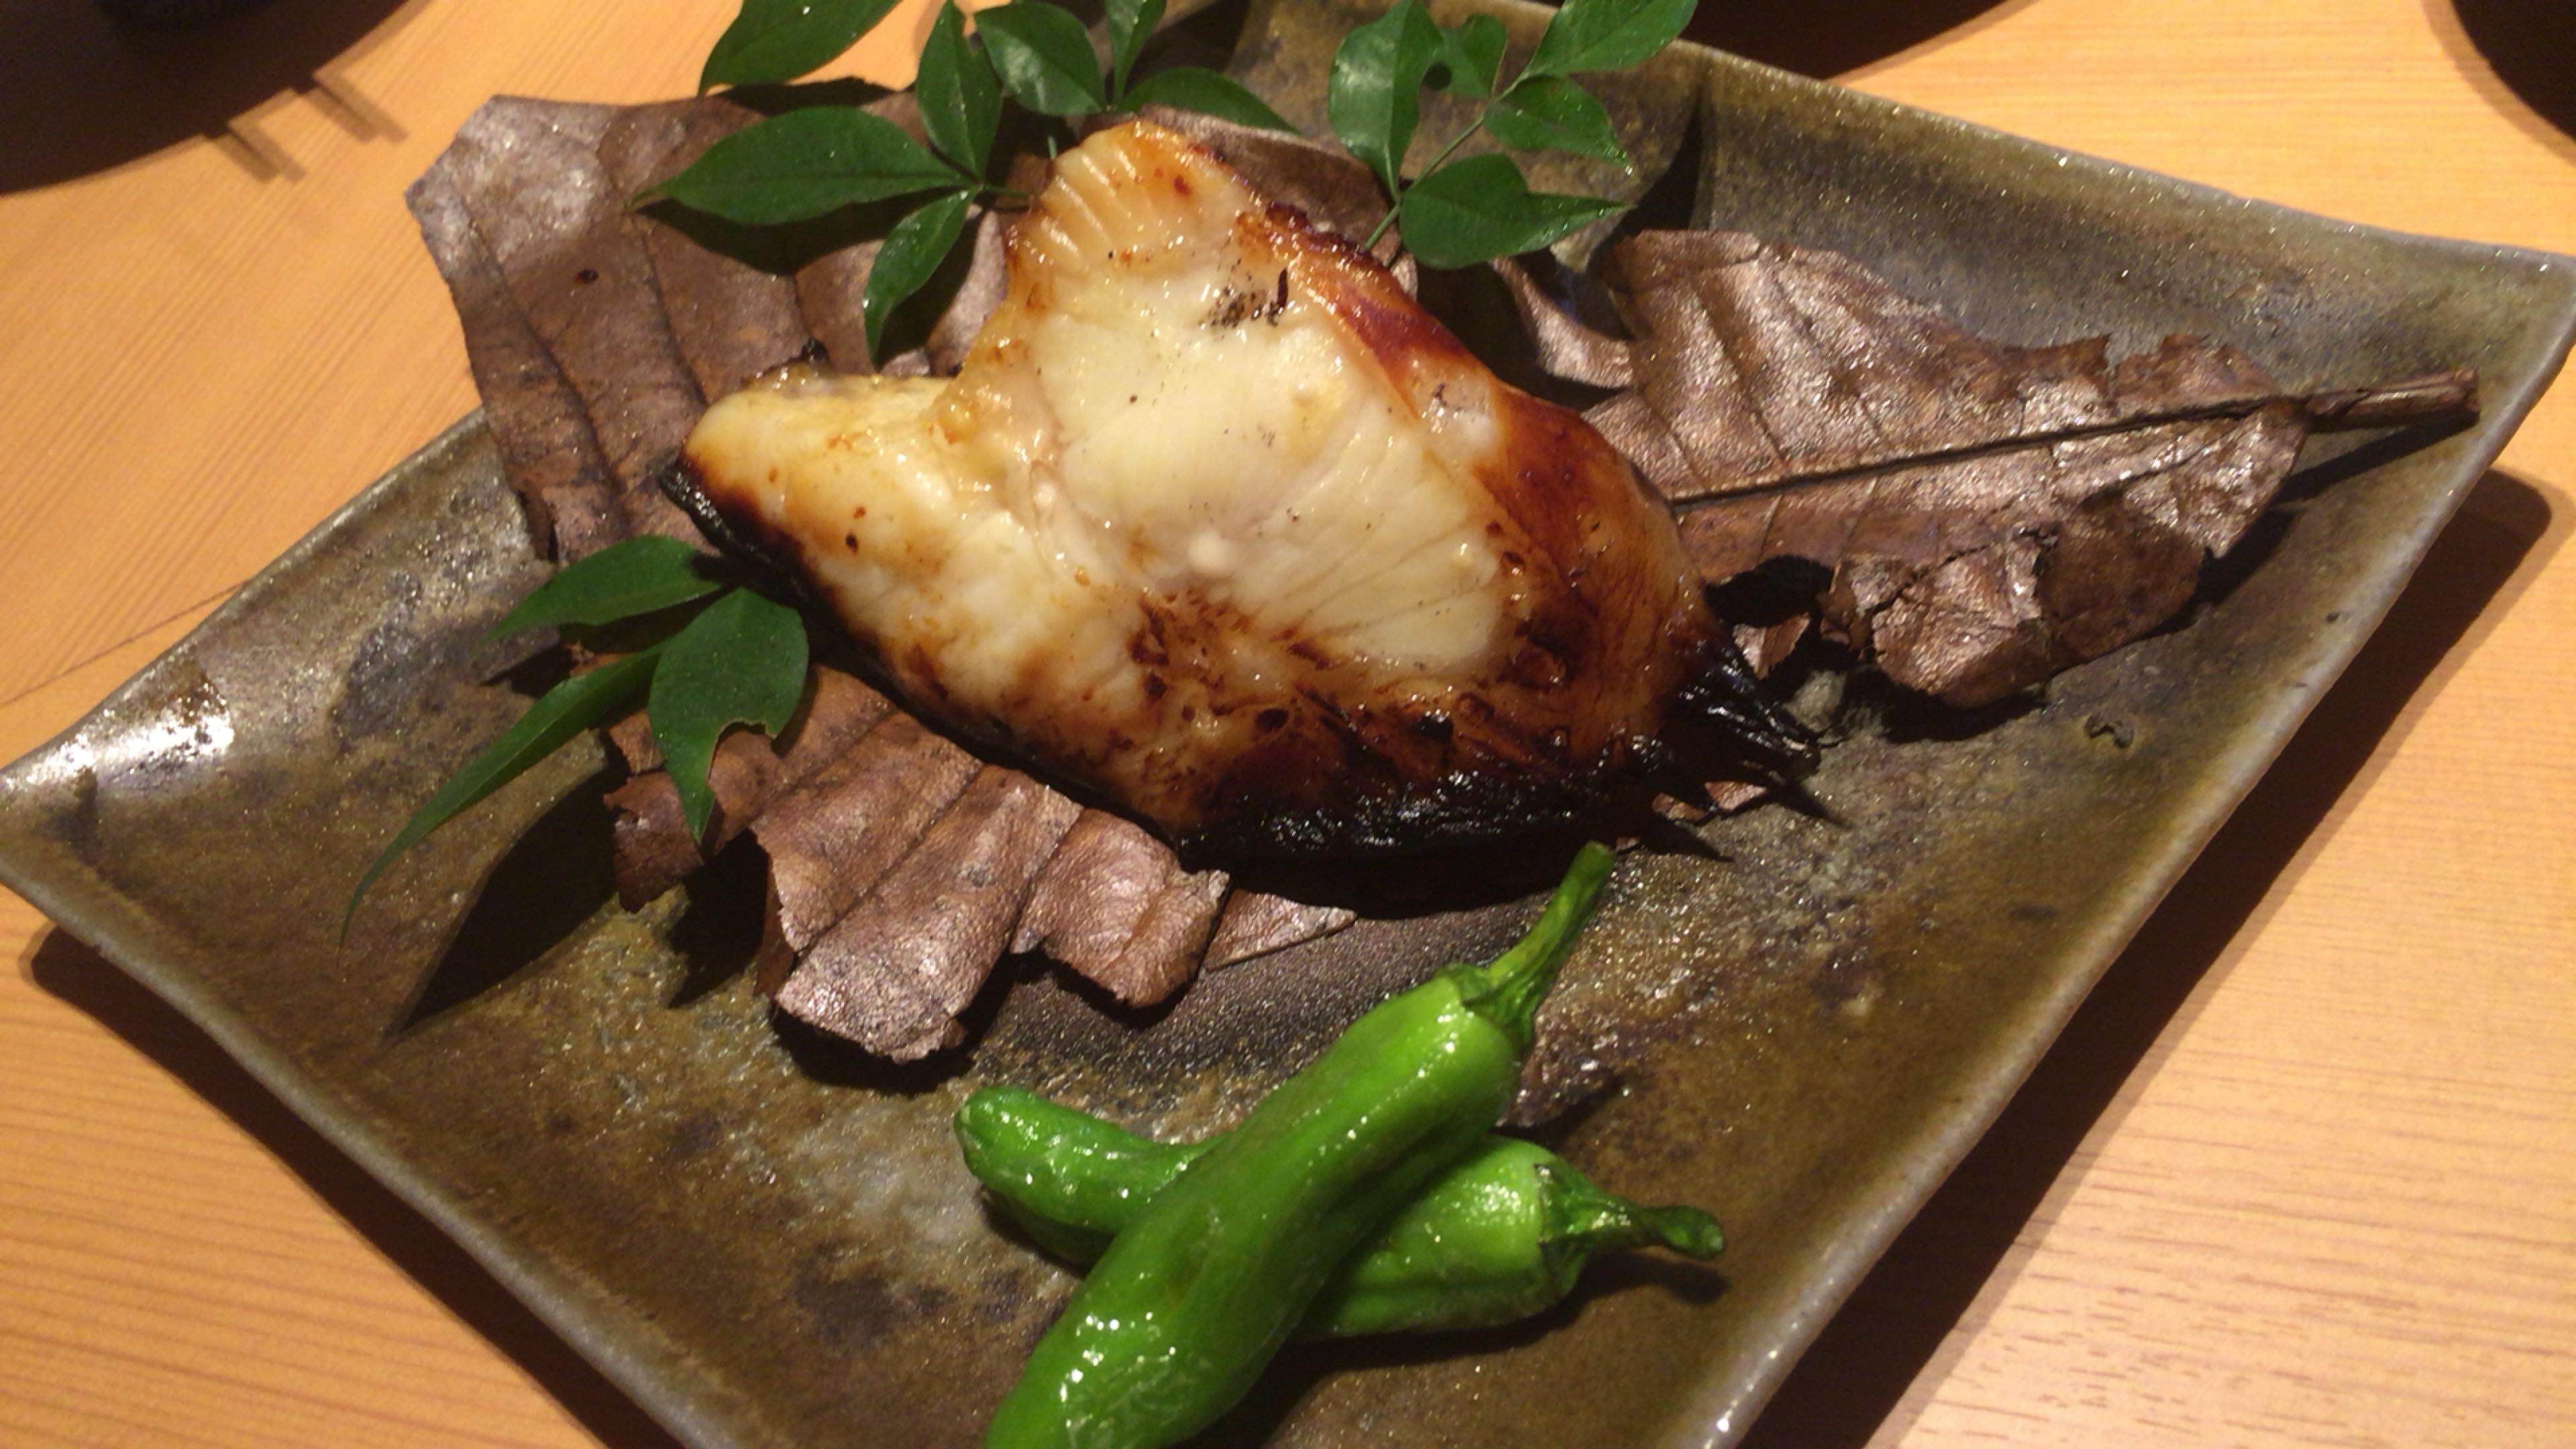 大阪ミナミの宗衛門町にある小料理・割烹『旬草hide』サメカレイの西京焼き